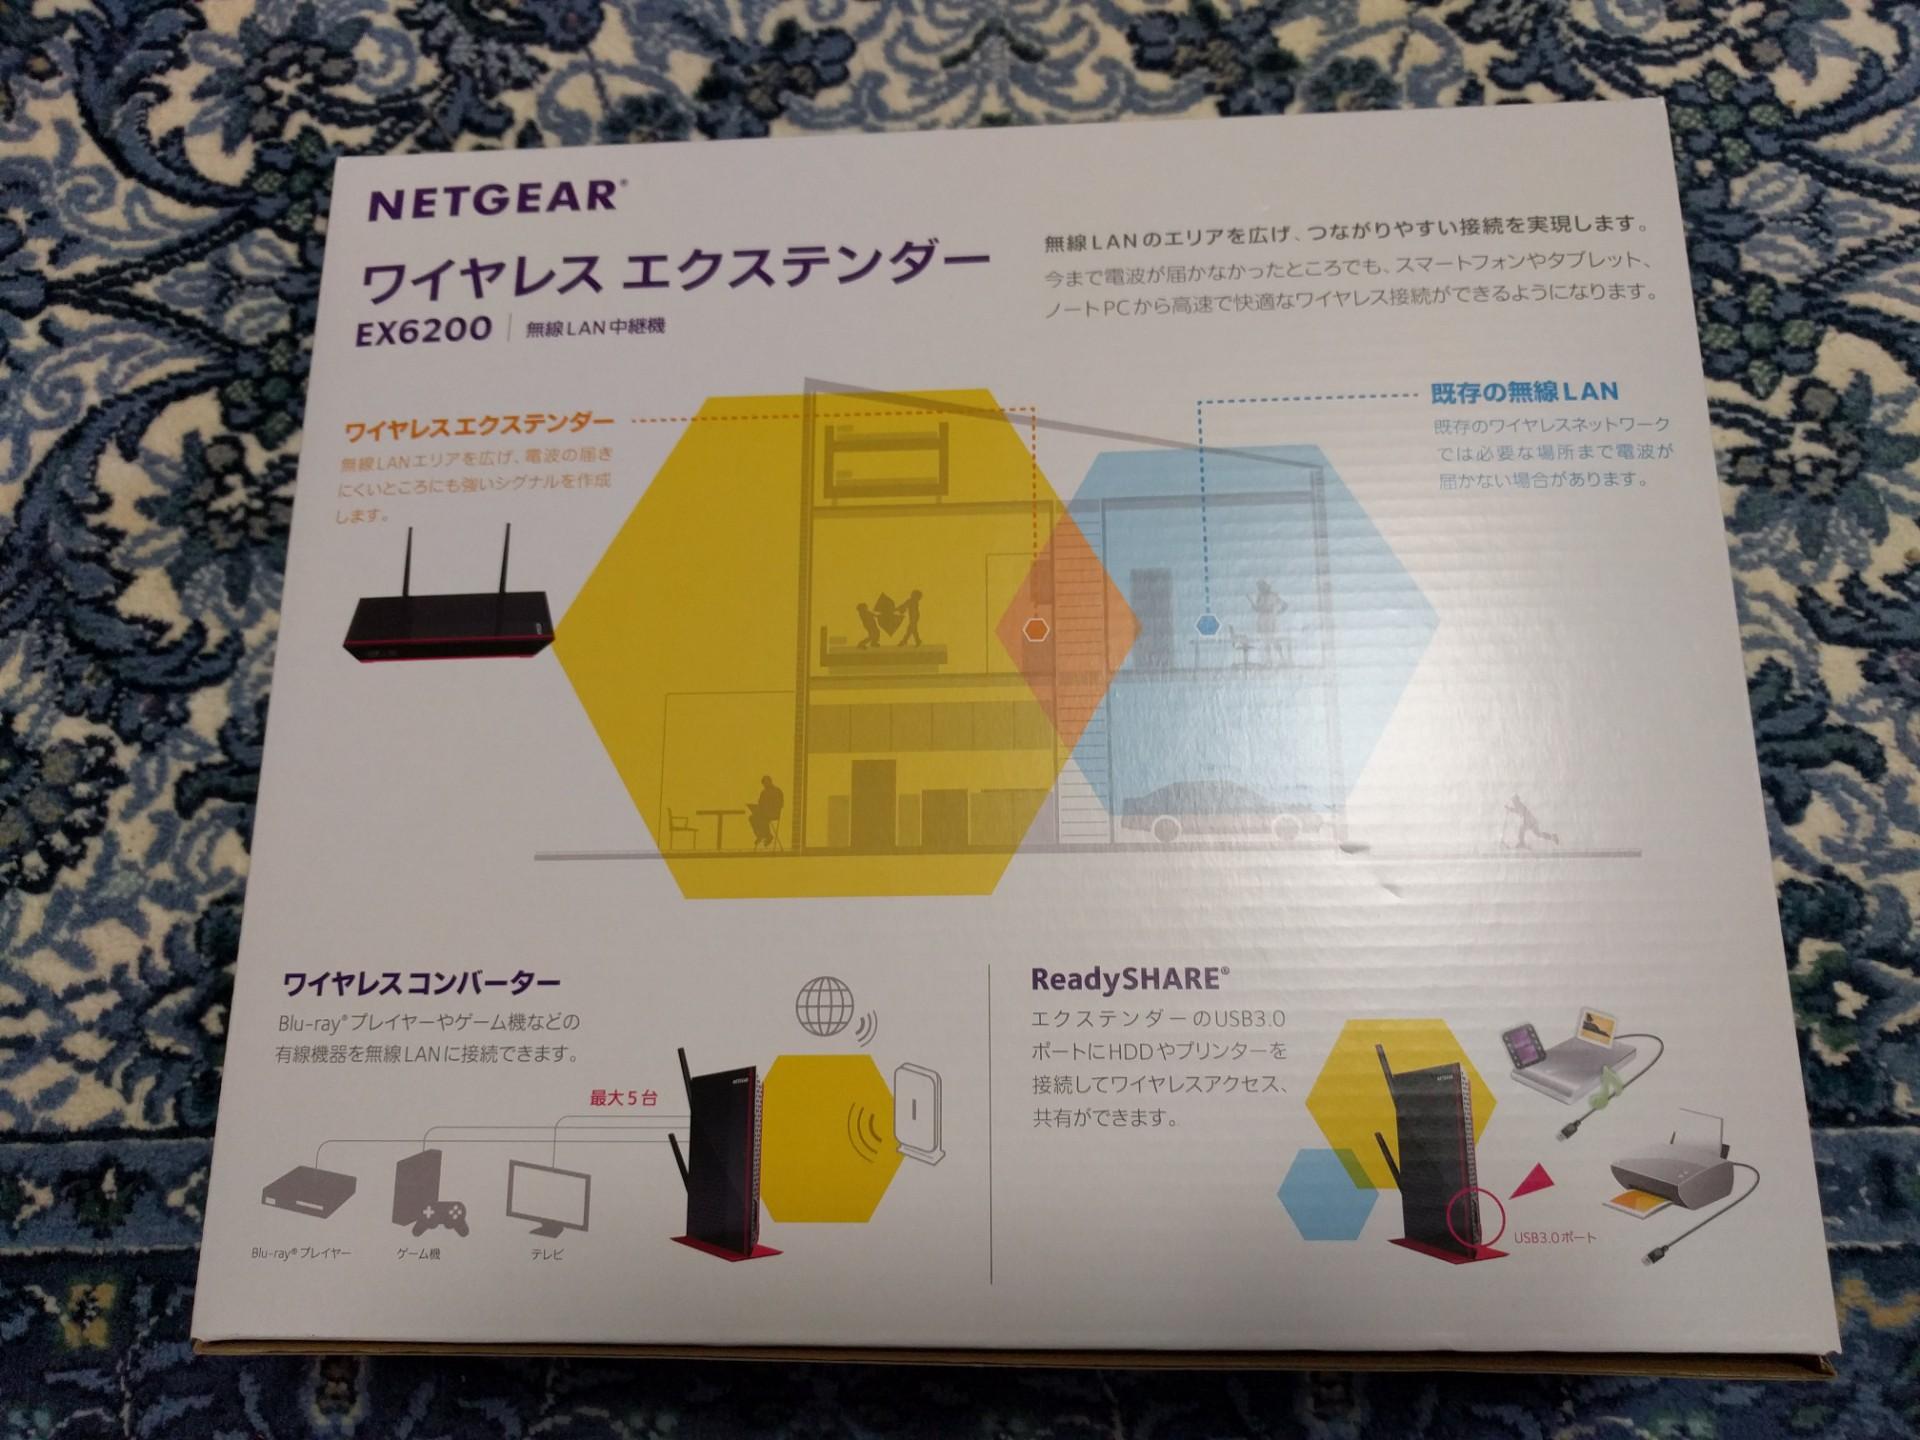 EX6200 パッケージ 背面